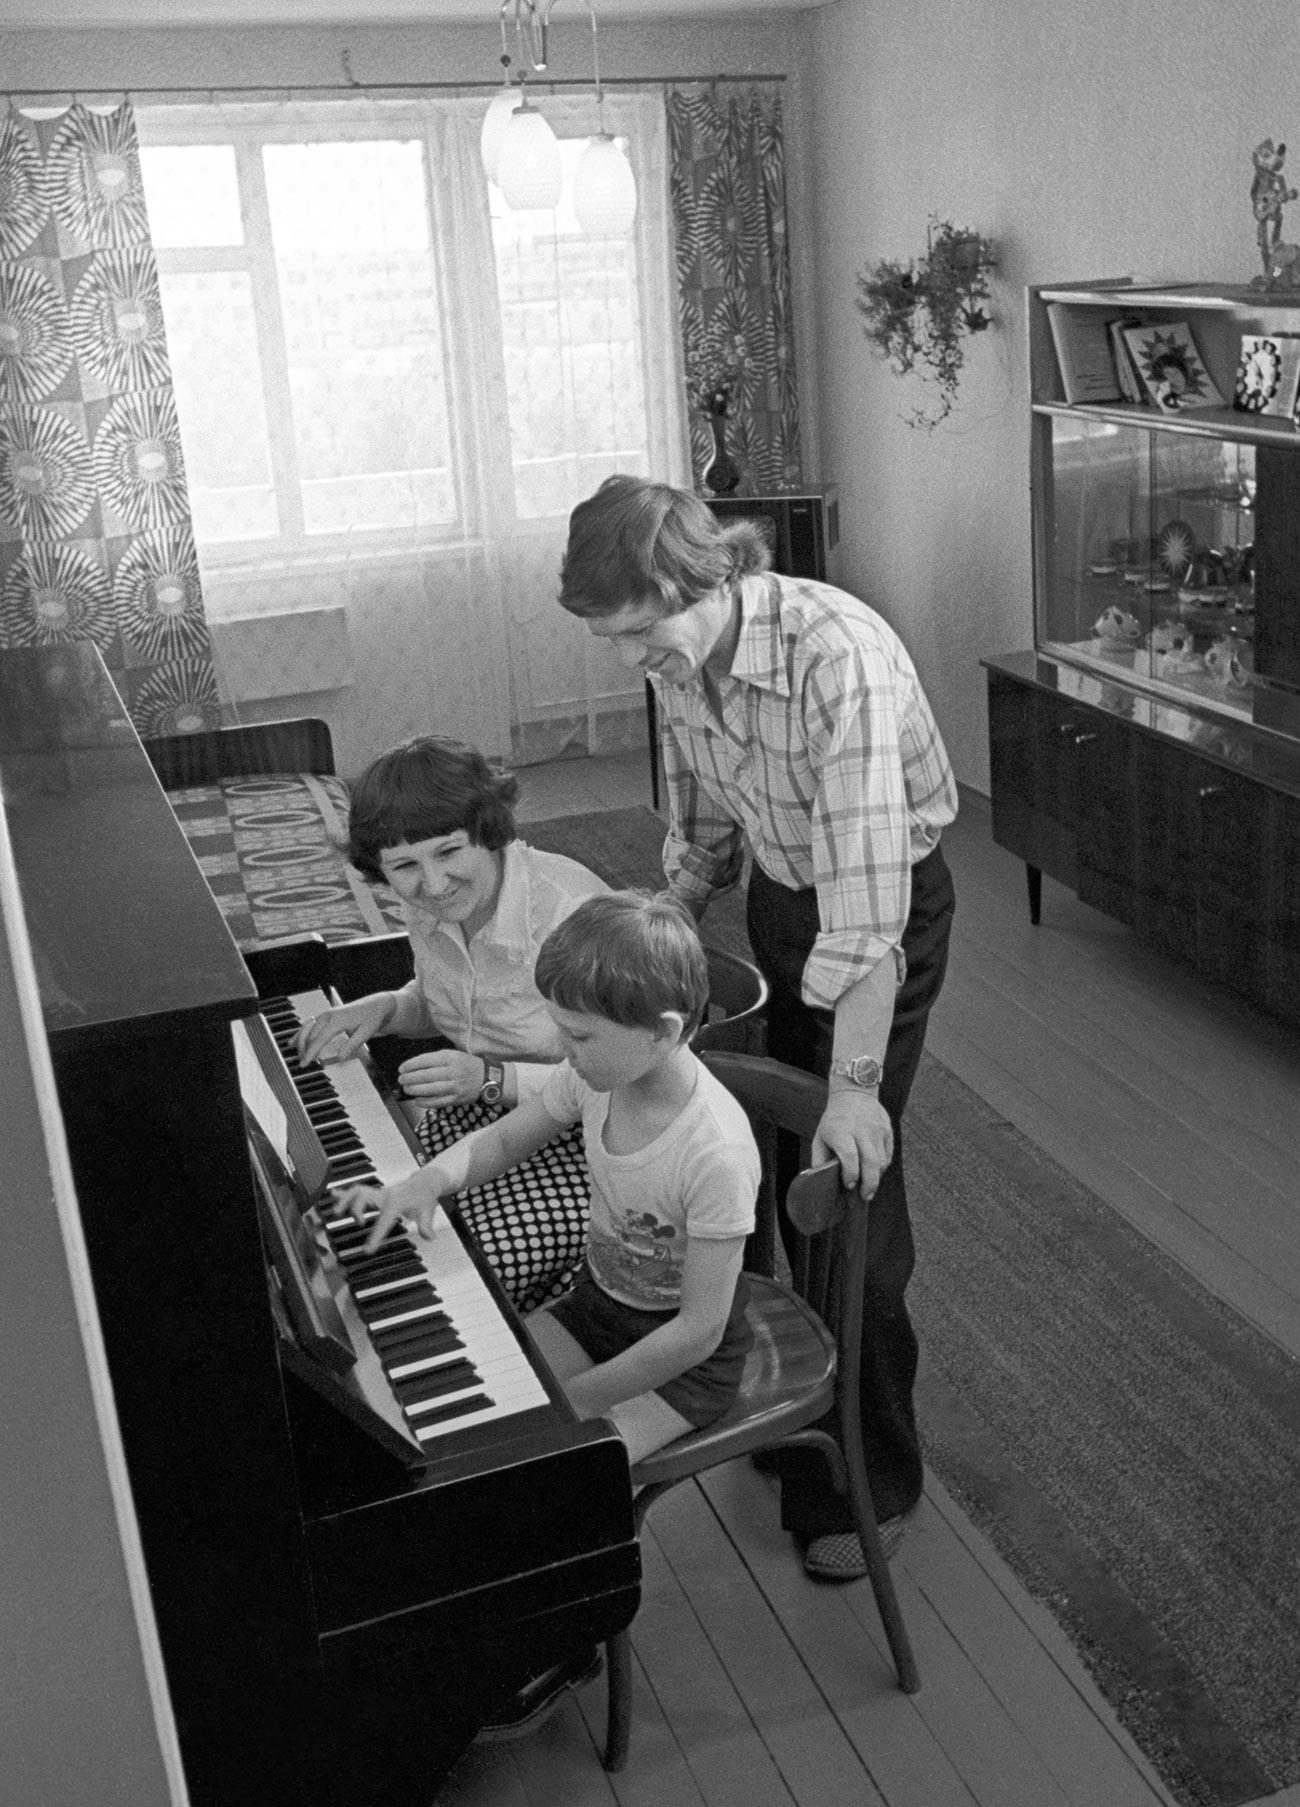 Gli inquilini Natalia e Vladimir Baslerovij con il figlio Sergej nel loro nuovo appartamento